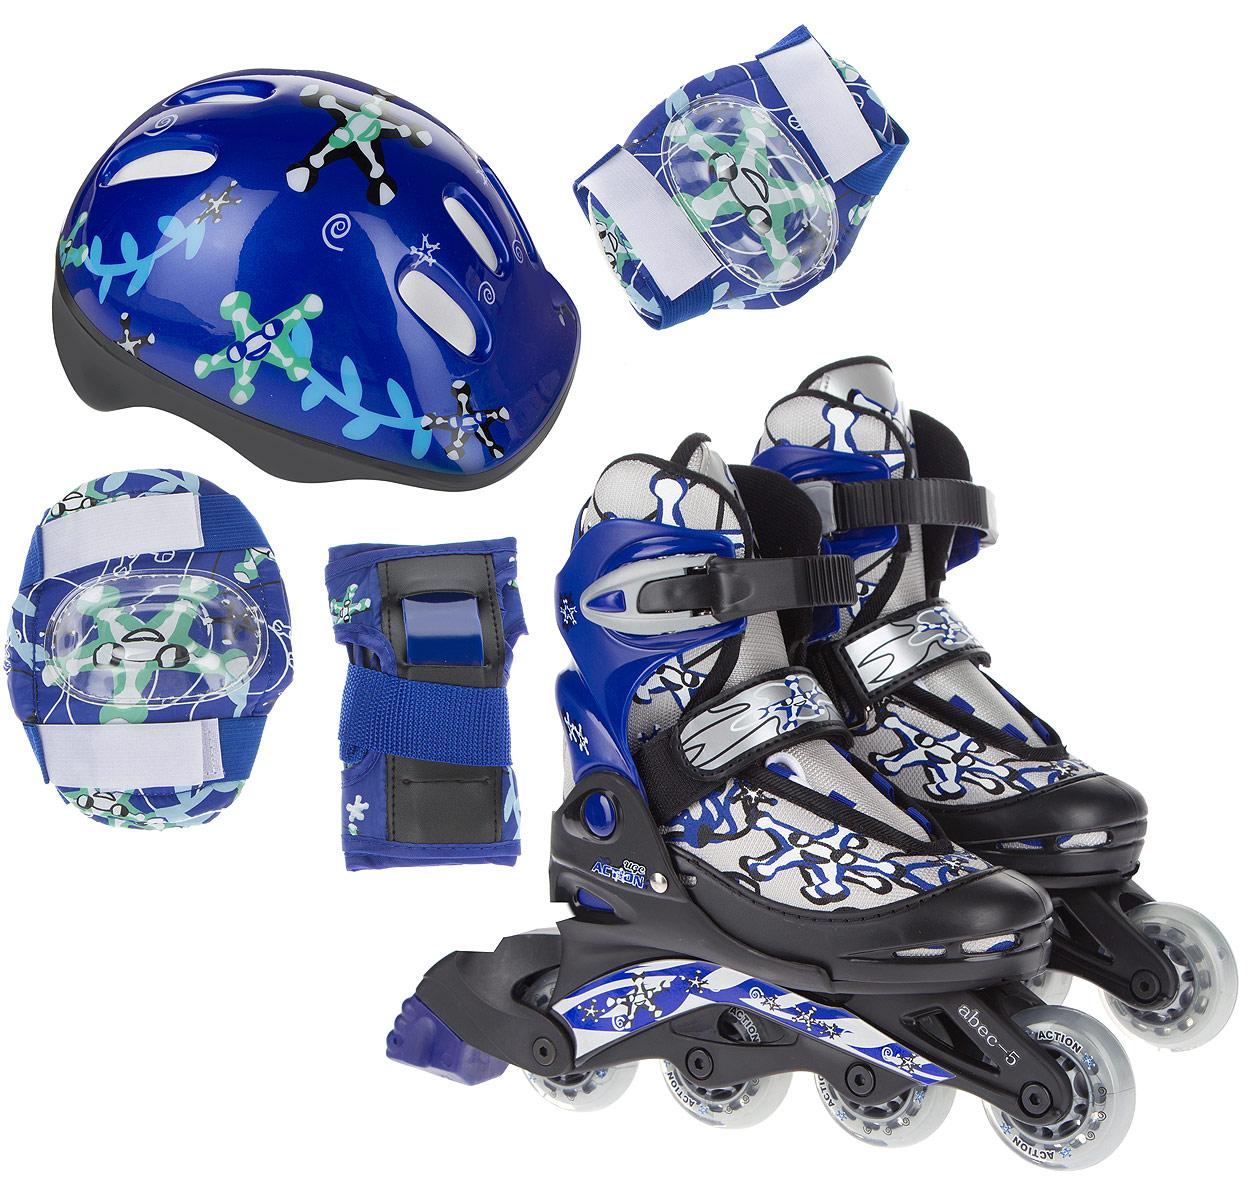 Набор Action: коньки роликовые, защита, шлем. PW-780PW-780Набор для катания на роликах Action состоит из роликовых коньков, защиты (колени, локти, запястья) и шлема. Ботинок конька изготовлен из текстильного материла со вставкам из искусственной кожи, обеспечивающих максимальную вентиляцию ноги. Облегченная конструкция ботинка из пластика обеспечивает улучшенную боковую поддержку и полный контроль над движением. Изделие по верху декорировано оригинальным принтом. Подкладка из мягкого текстиля комфортна при езде. Стелька изготовлена из ЭВА материала с текстильной верхней поверхностью. Классическая шнуровка с ремнем на липучке обеспечивает плотное закрепление пятки. На голенище модель фиксируется клипсой с фиксатором. Прочная рама из полипропилена отлично передает усилие ноги и позволяет быстро разгоняться. Полиуретановые колеса обеспечат плавное и бесшумное движение. Износостойкие подшипники класса ABEC-5 наименее восприимчивы к попаданию влаги и песка. Задник оснащен широкой текстильной петлей, благодаря...